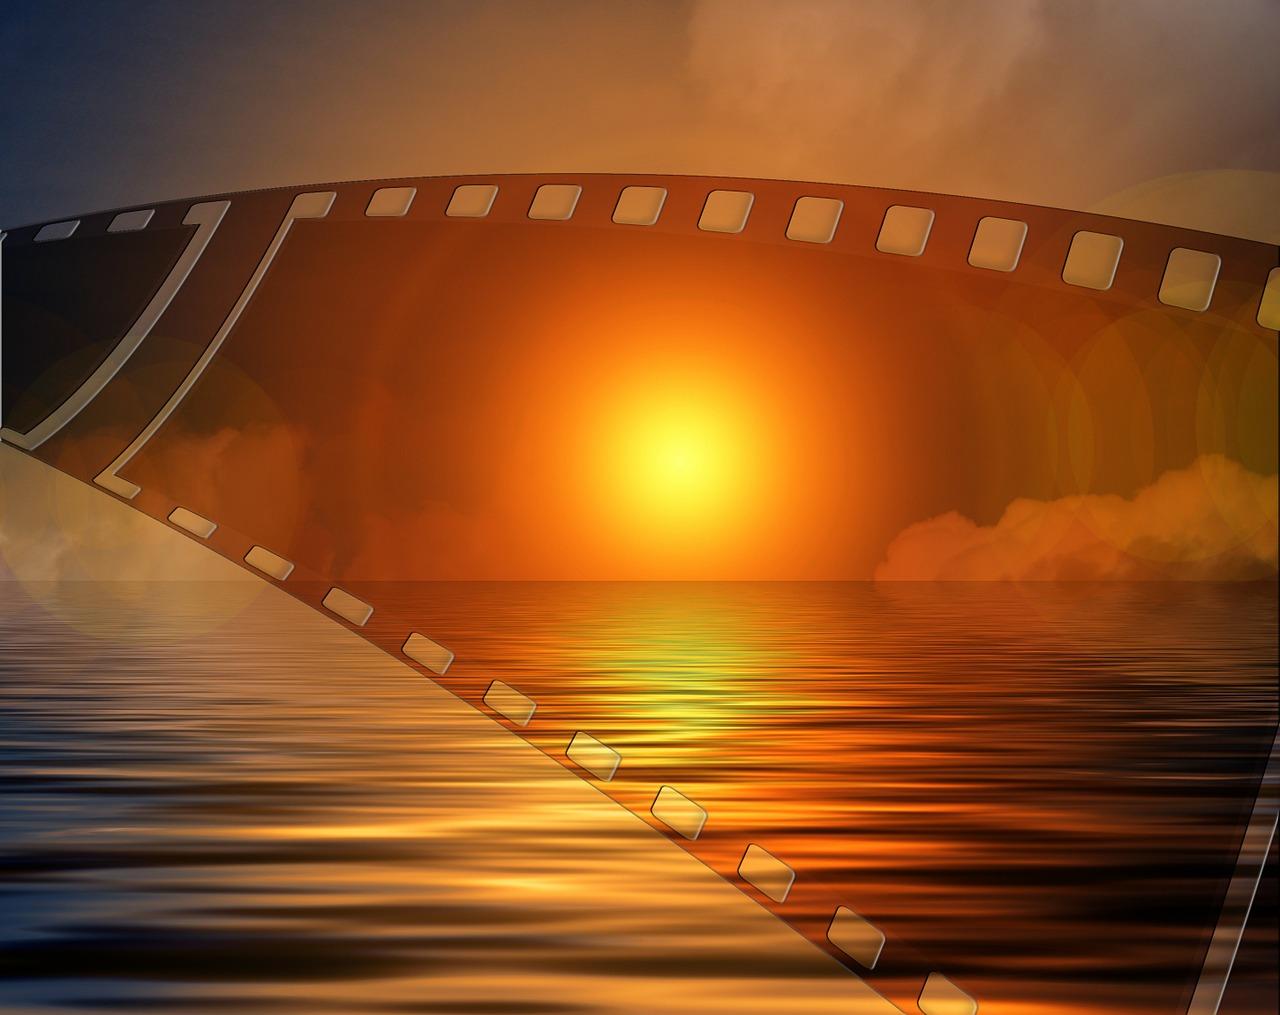 Filmy nadobry wieczór